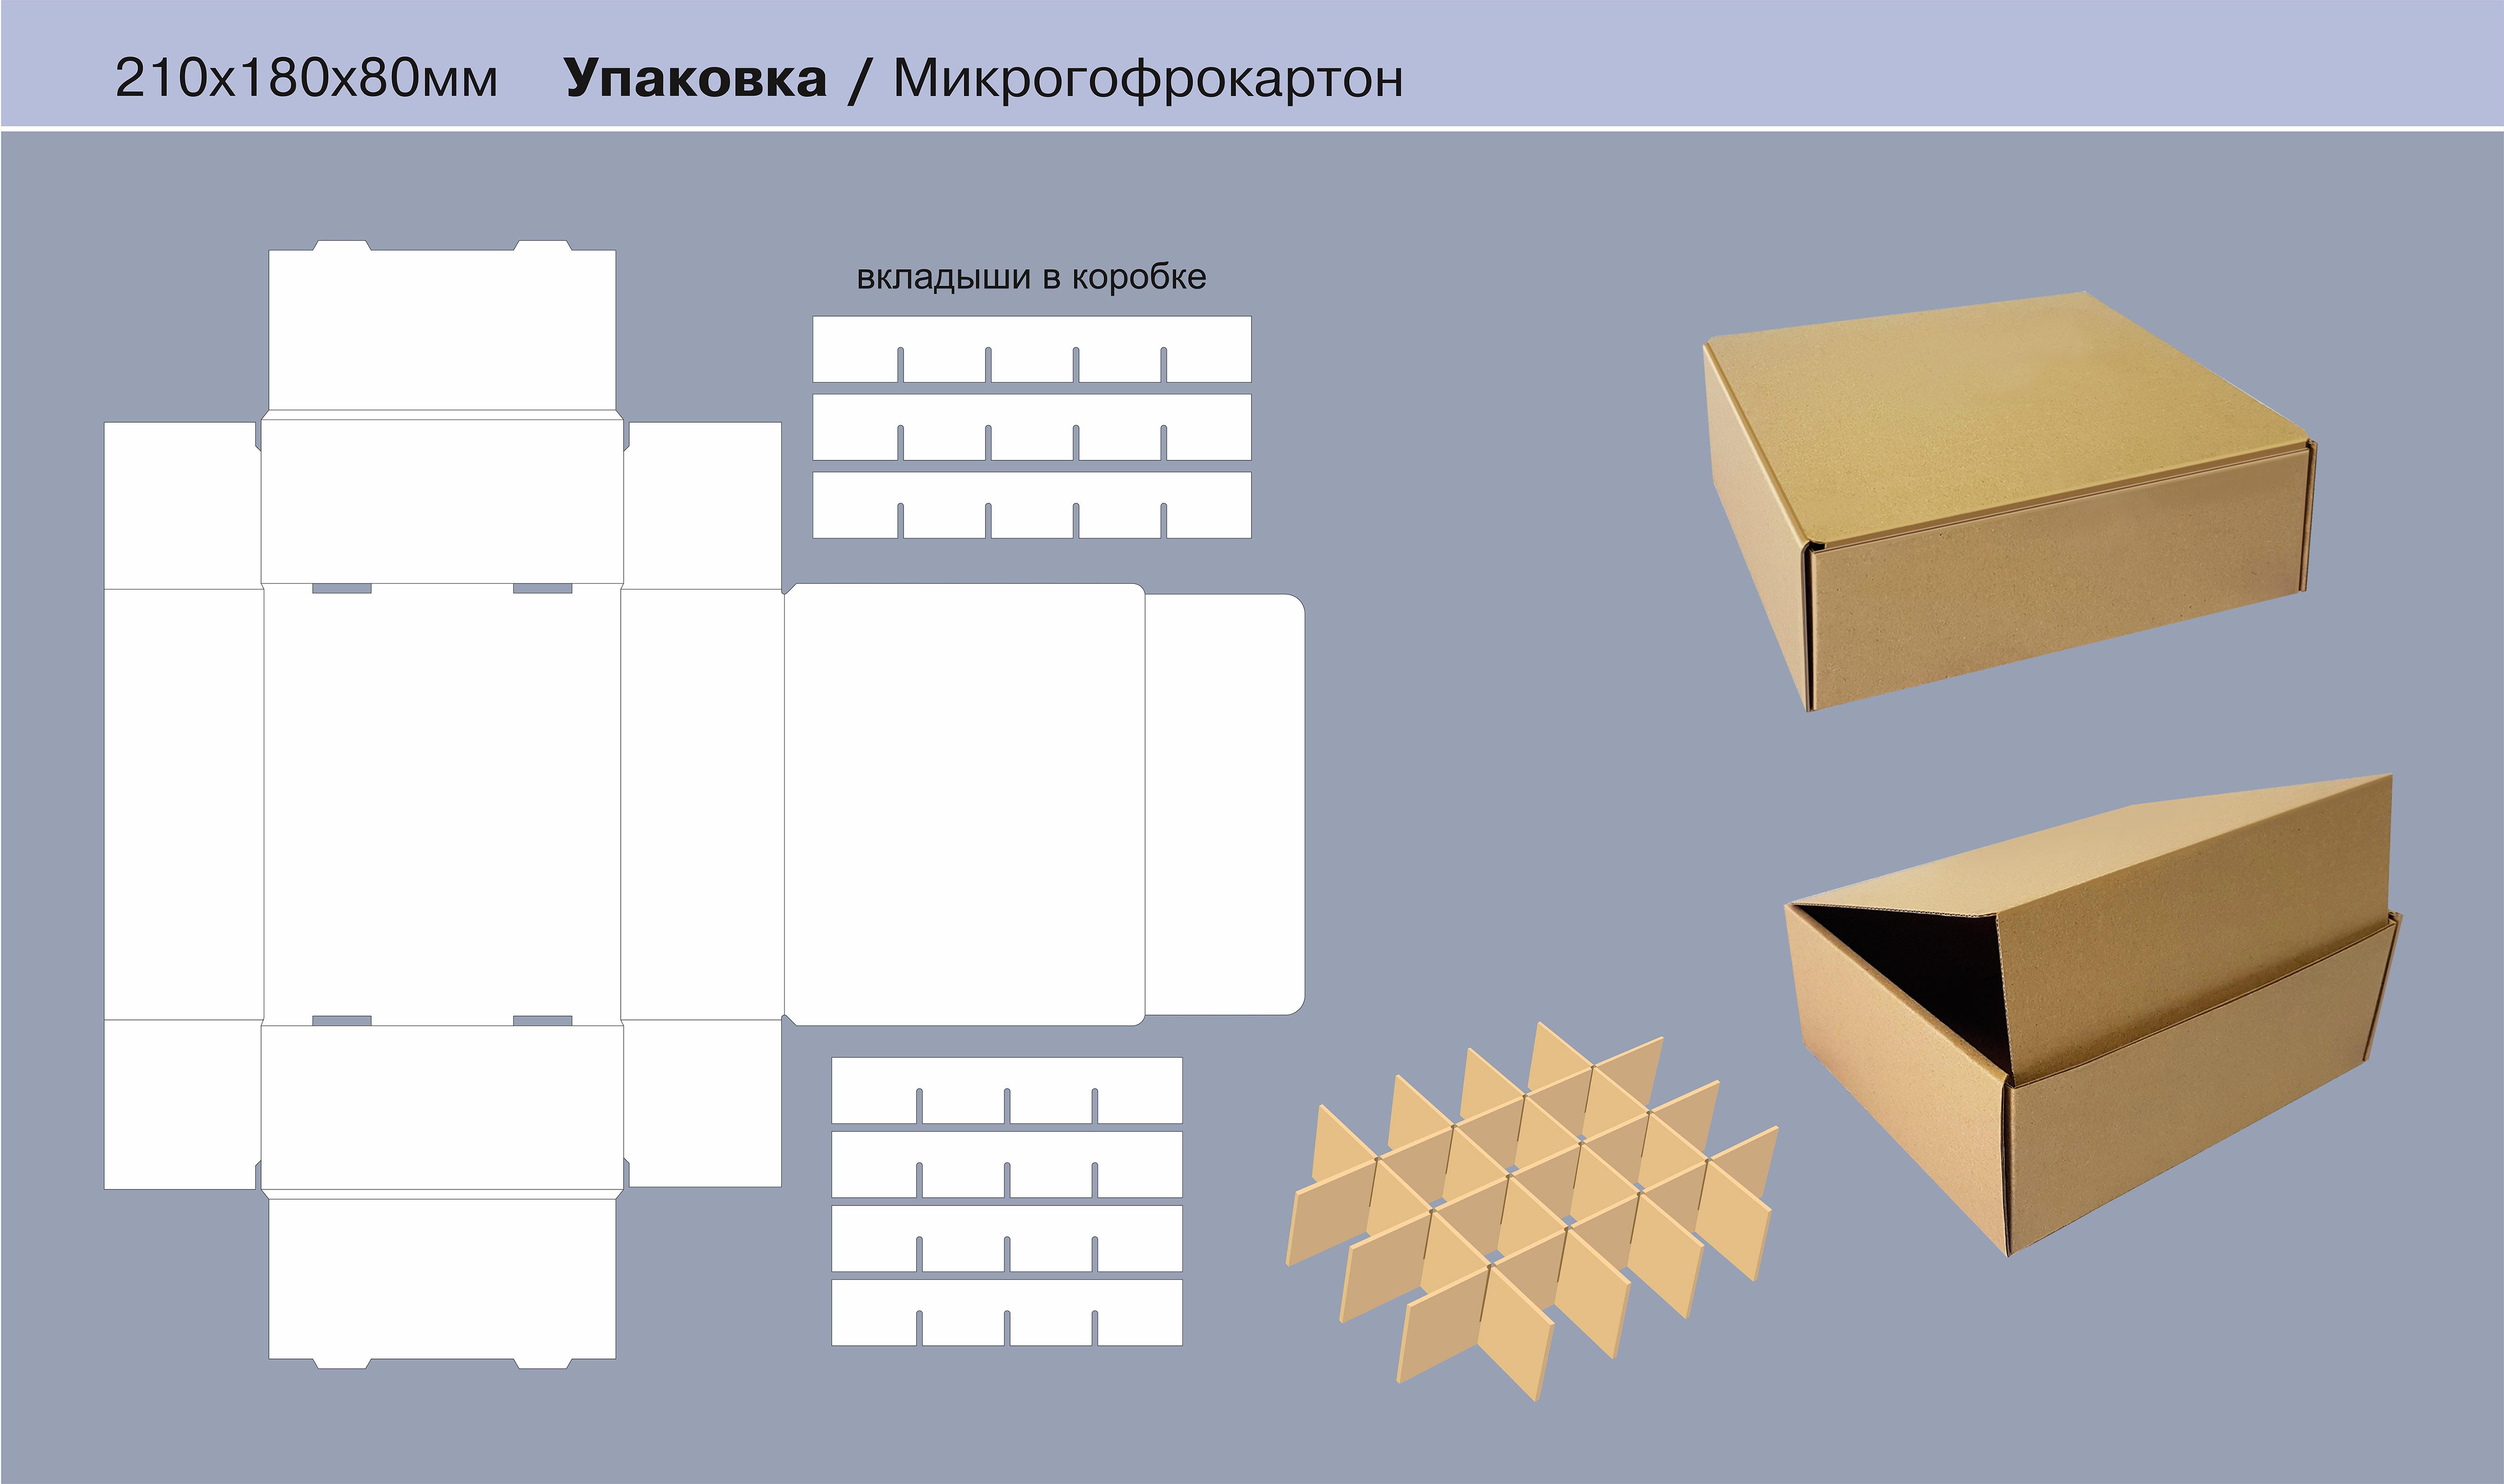 Как сделать упаковку для подарка из картона